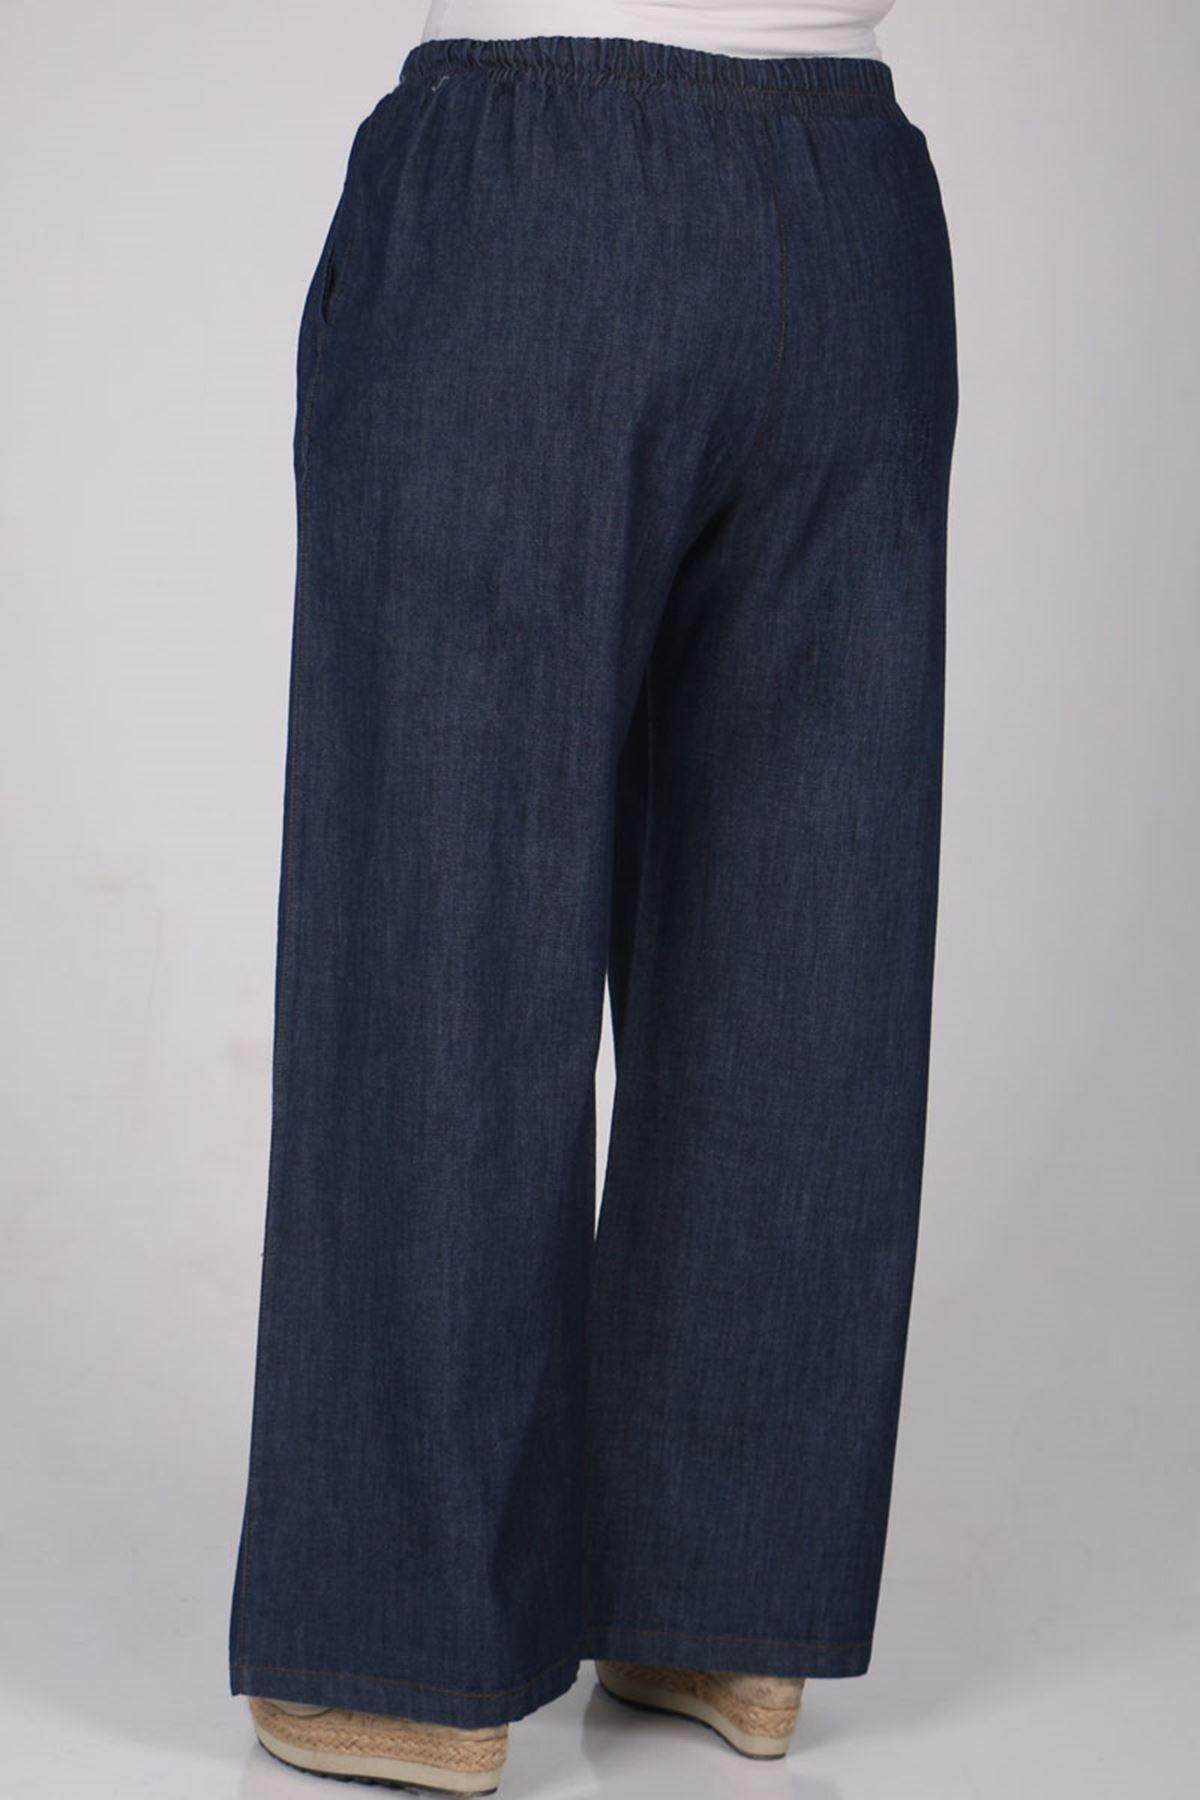 9159 بنطلون جينز واسع الساق و مقاس كبير - قرميدي - كحلي